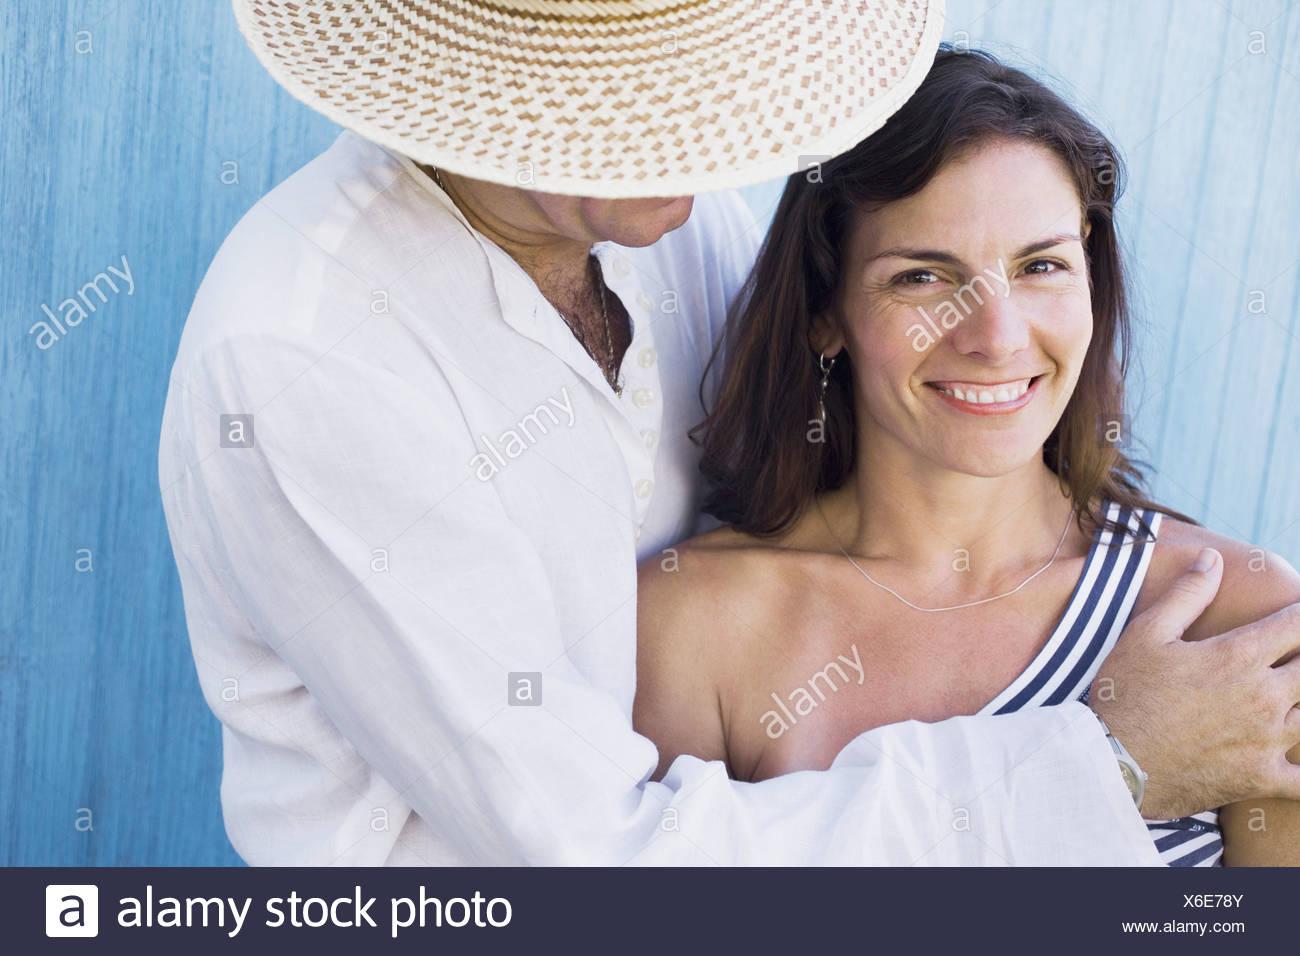 El perfil lateral de un hombre adulto medio abrazando una mujer adulta media Imagen De Stock